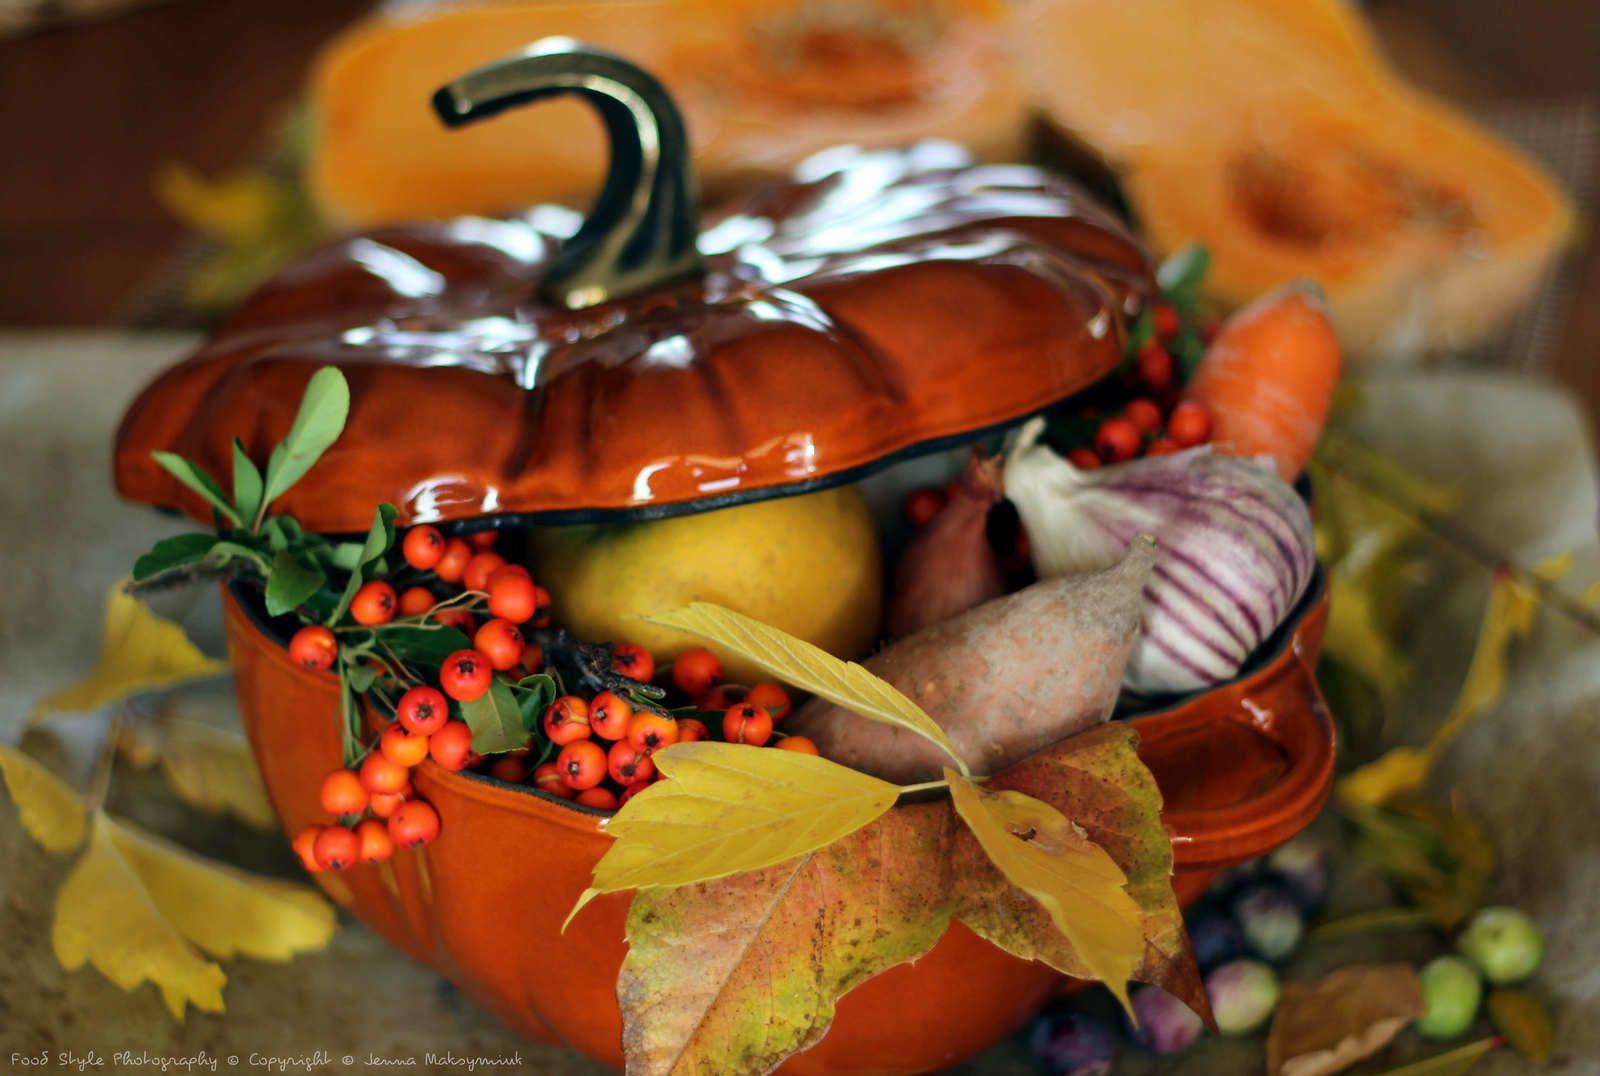 L'automne dans l'assiette